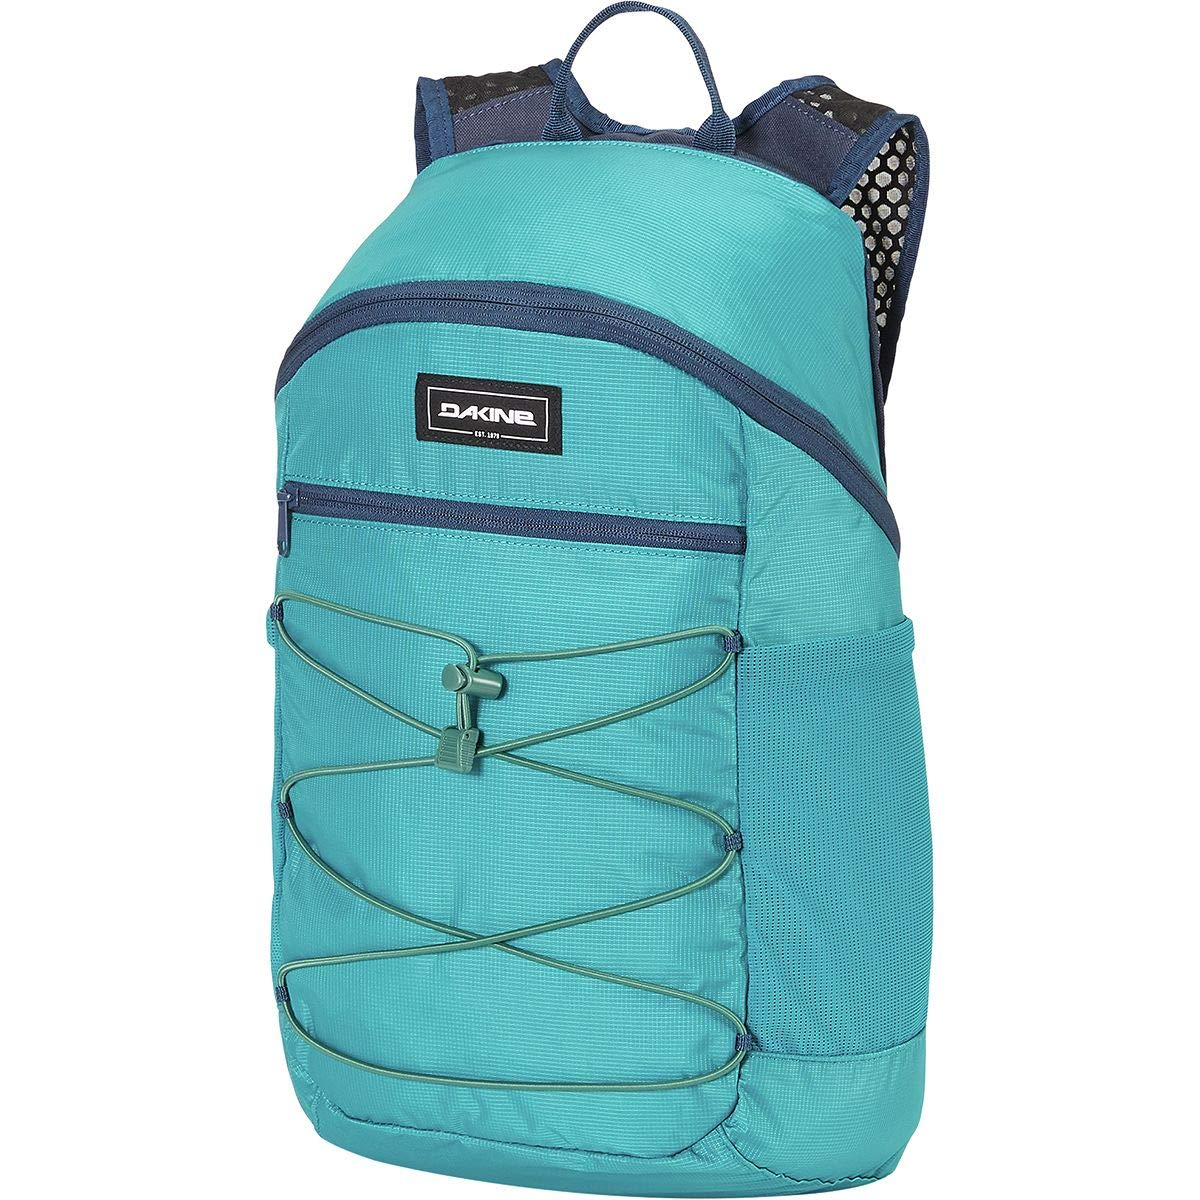 [ダカイン] レディース バックパックリュックサック Wonder Sport 18L Backpack [並行輸入品] B07P5CFCBL  No-Size